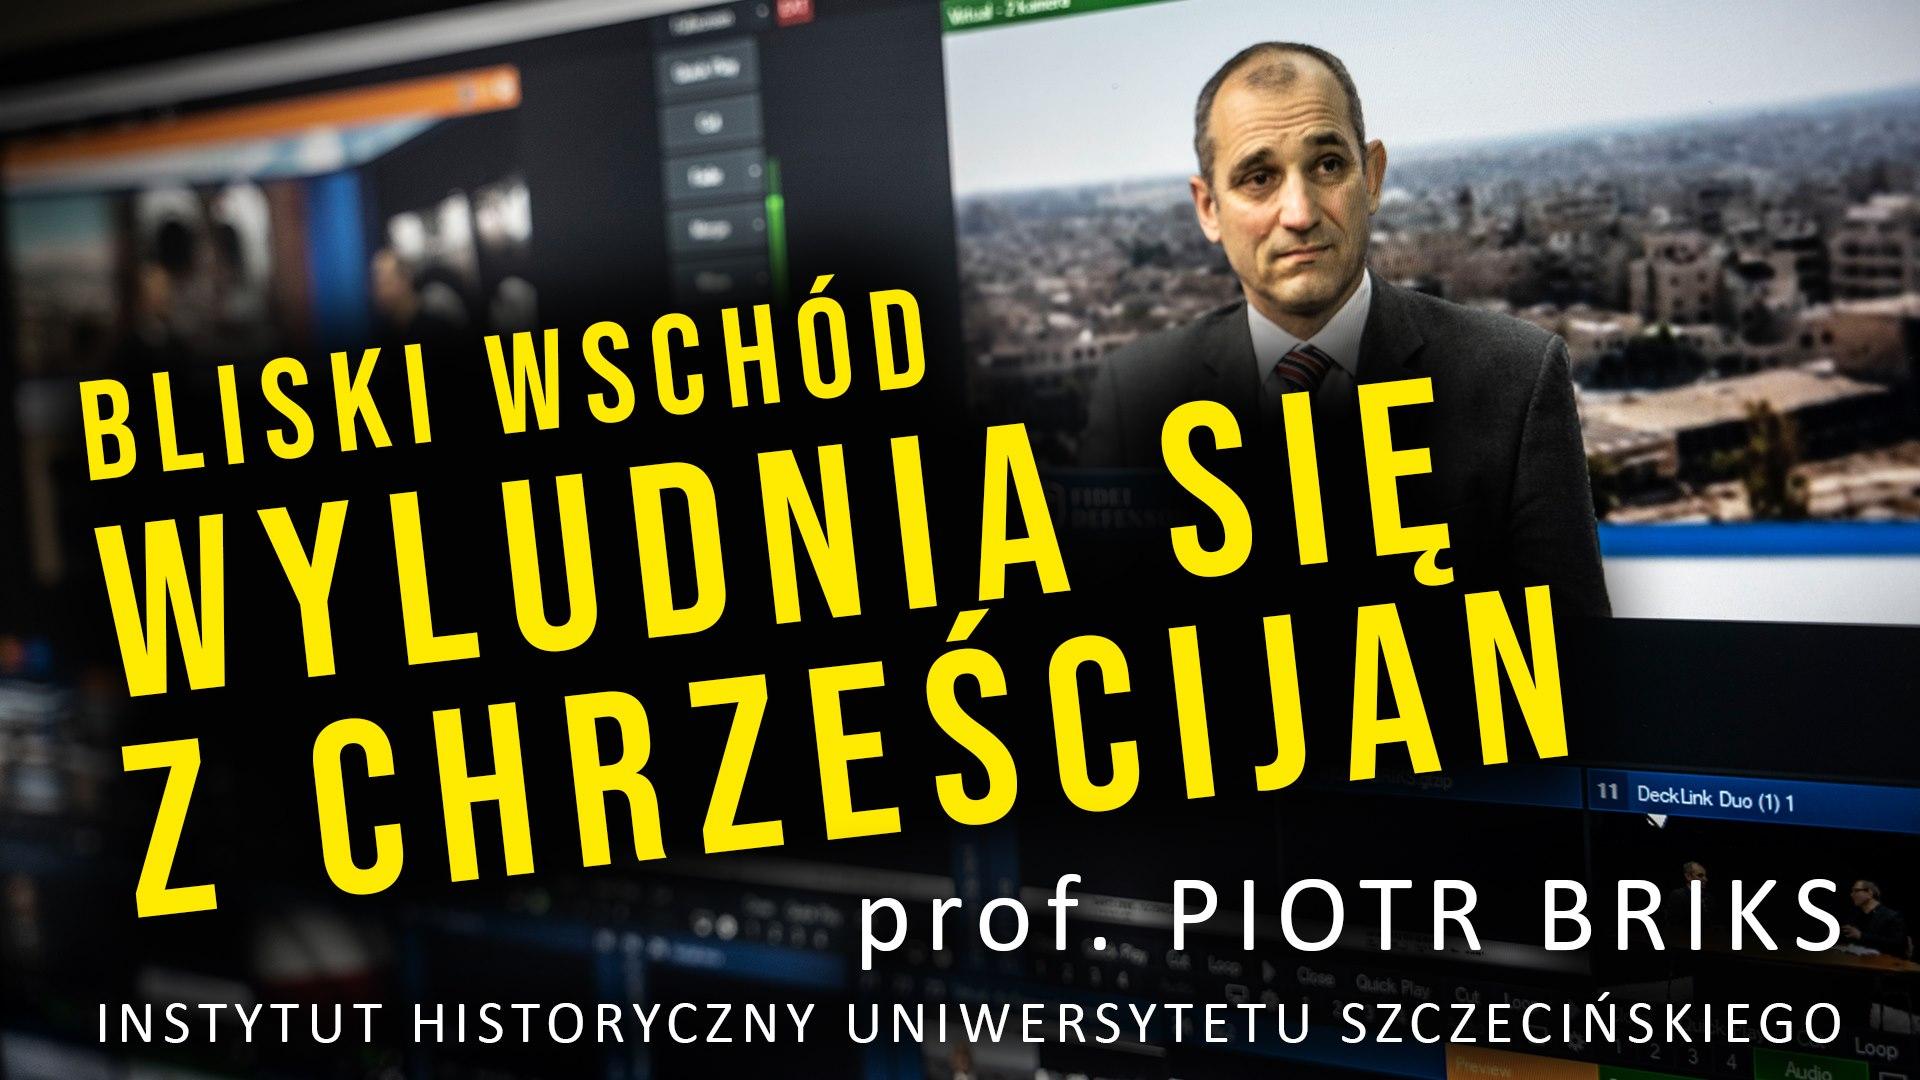 BLISKI WSCHÓD WYLUDNIA SIĘ Z CHRZEŚCIJAN – prof. Piotr Briks – rozmowa FIDEI DEFENSOR